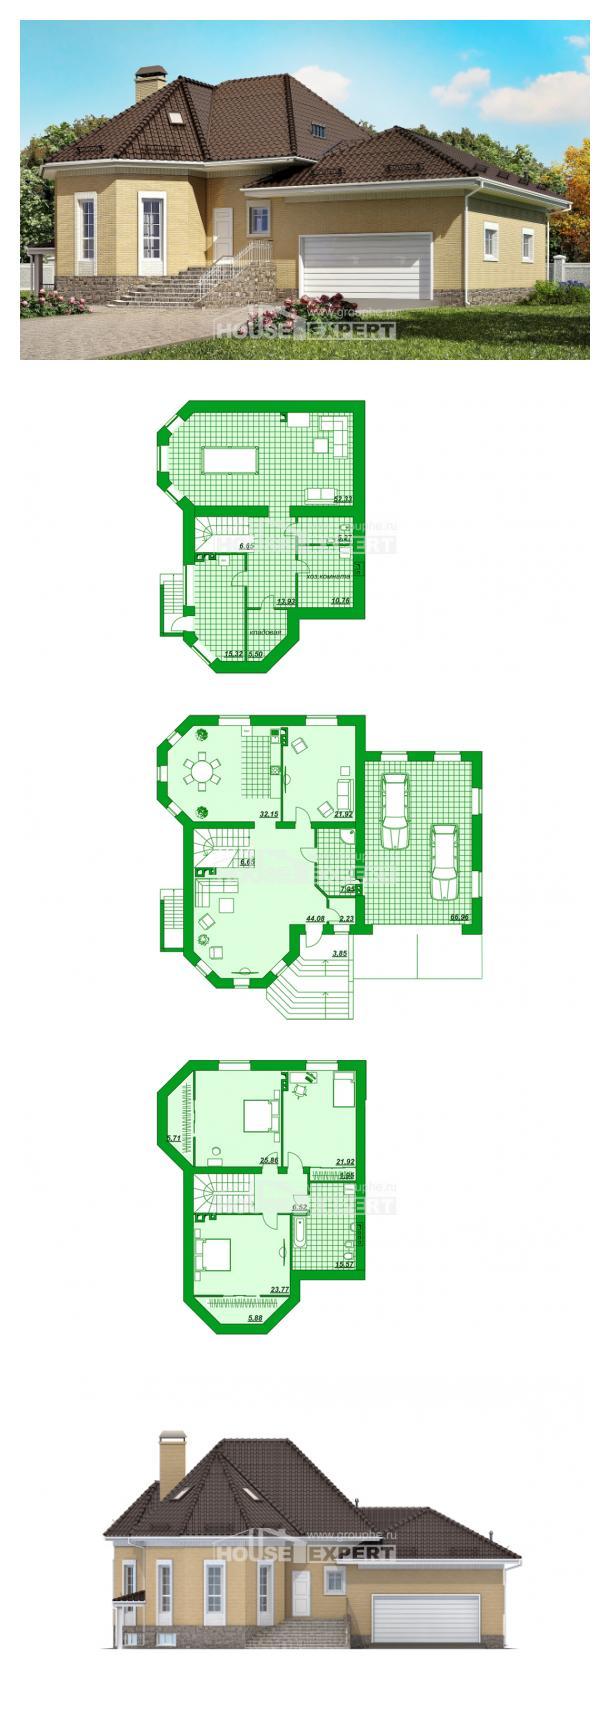 Plan 400-001-R | House Expert